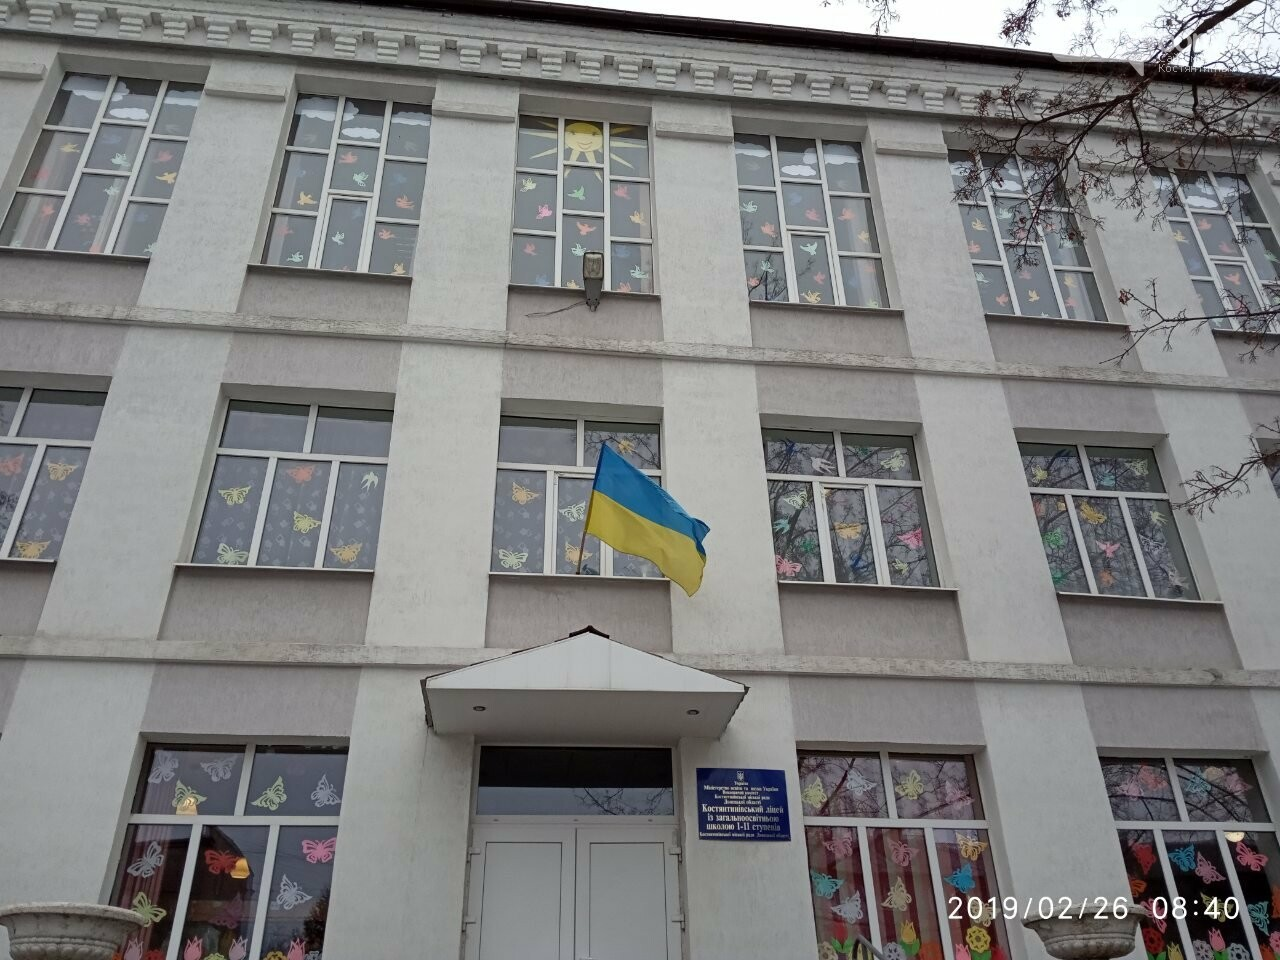 В центре Константиновки появился оазис позитива (фотофакт), фото-1